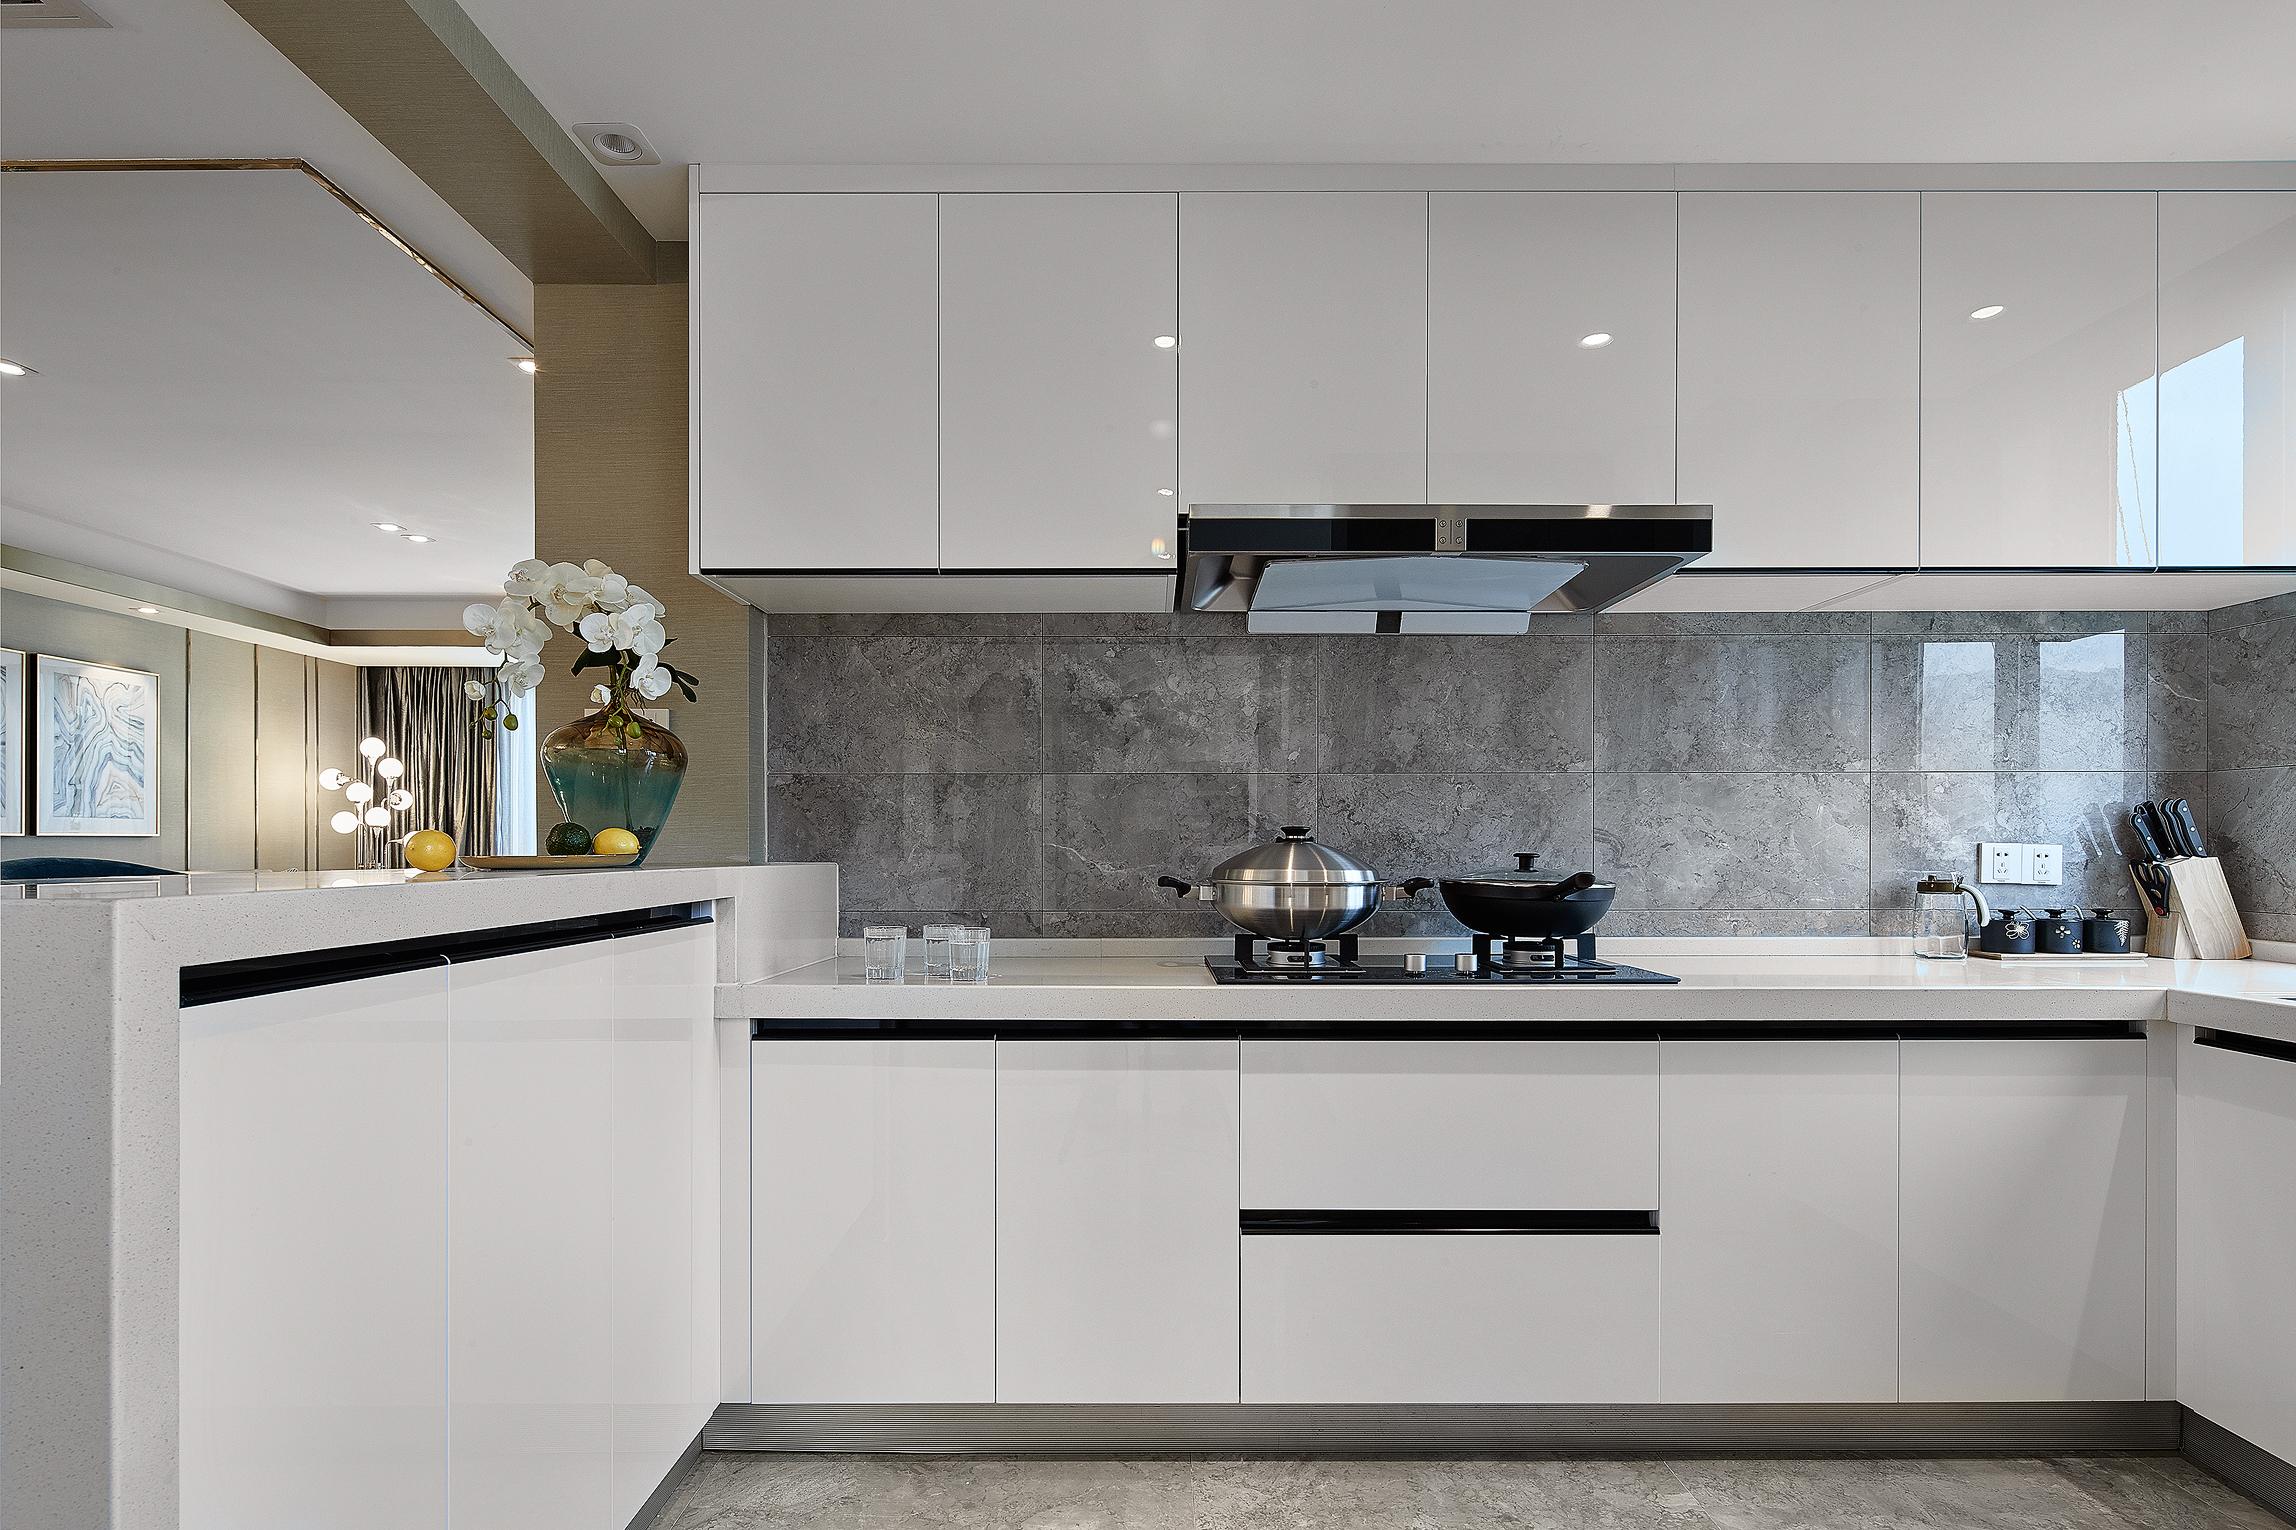 130㎡简约风格设计厨房效果图图片